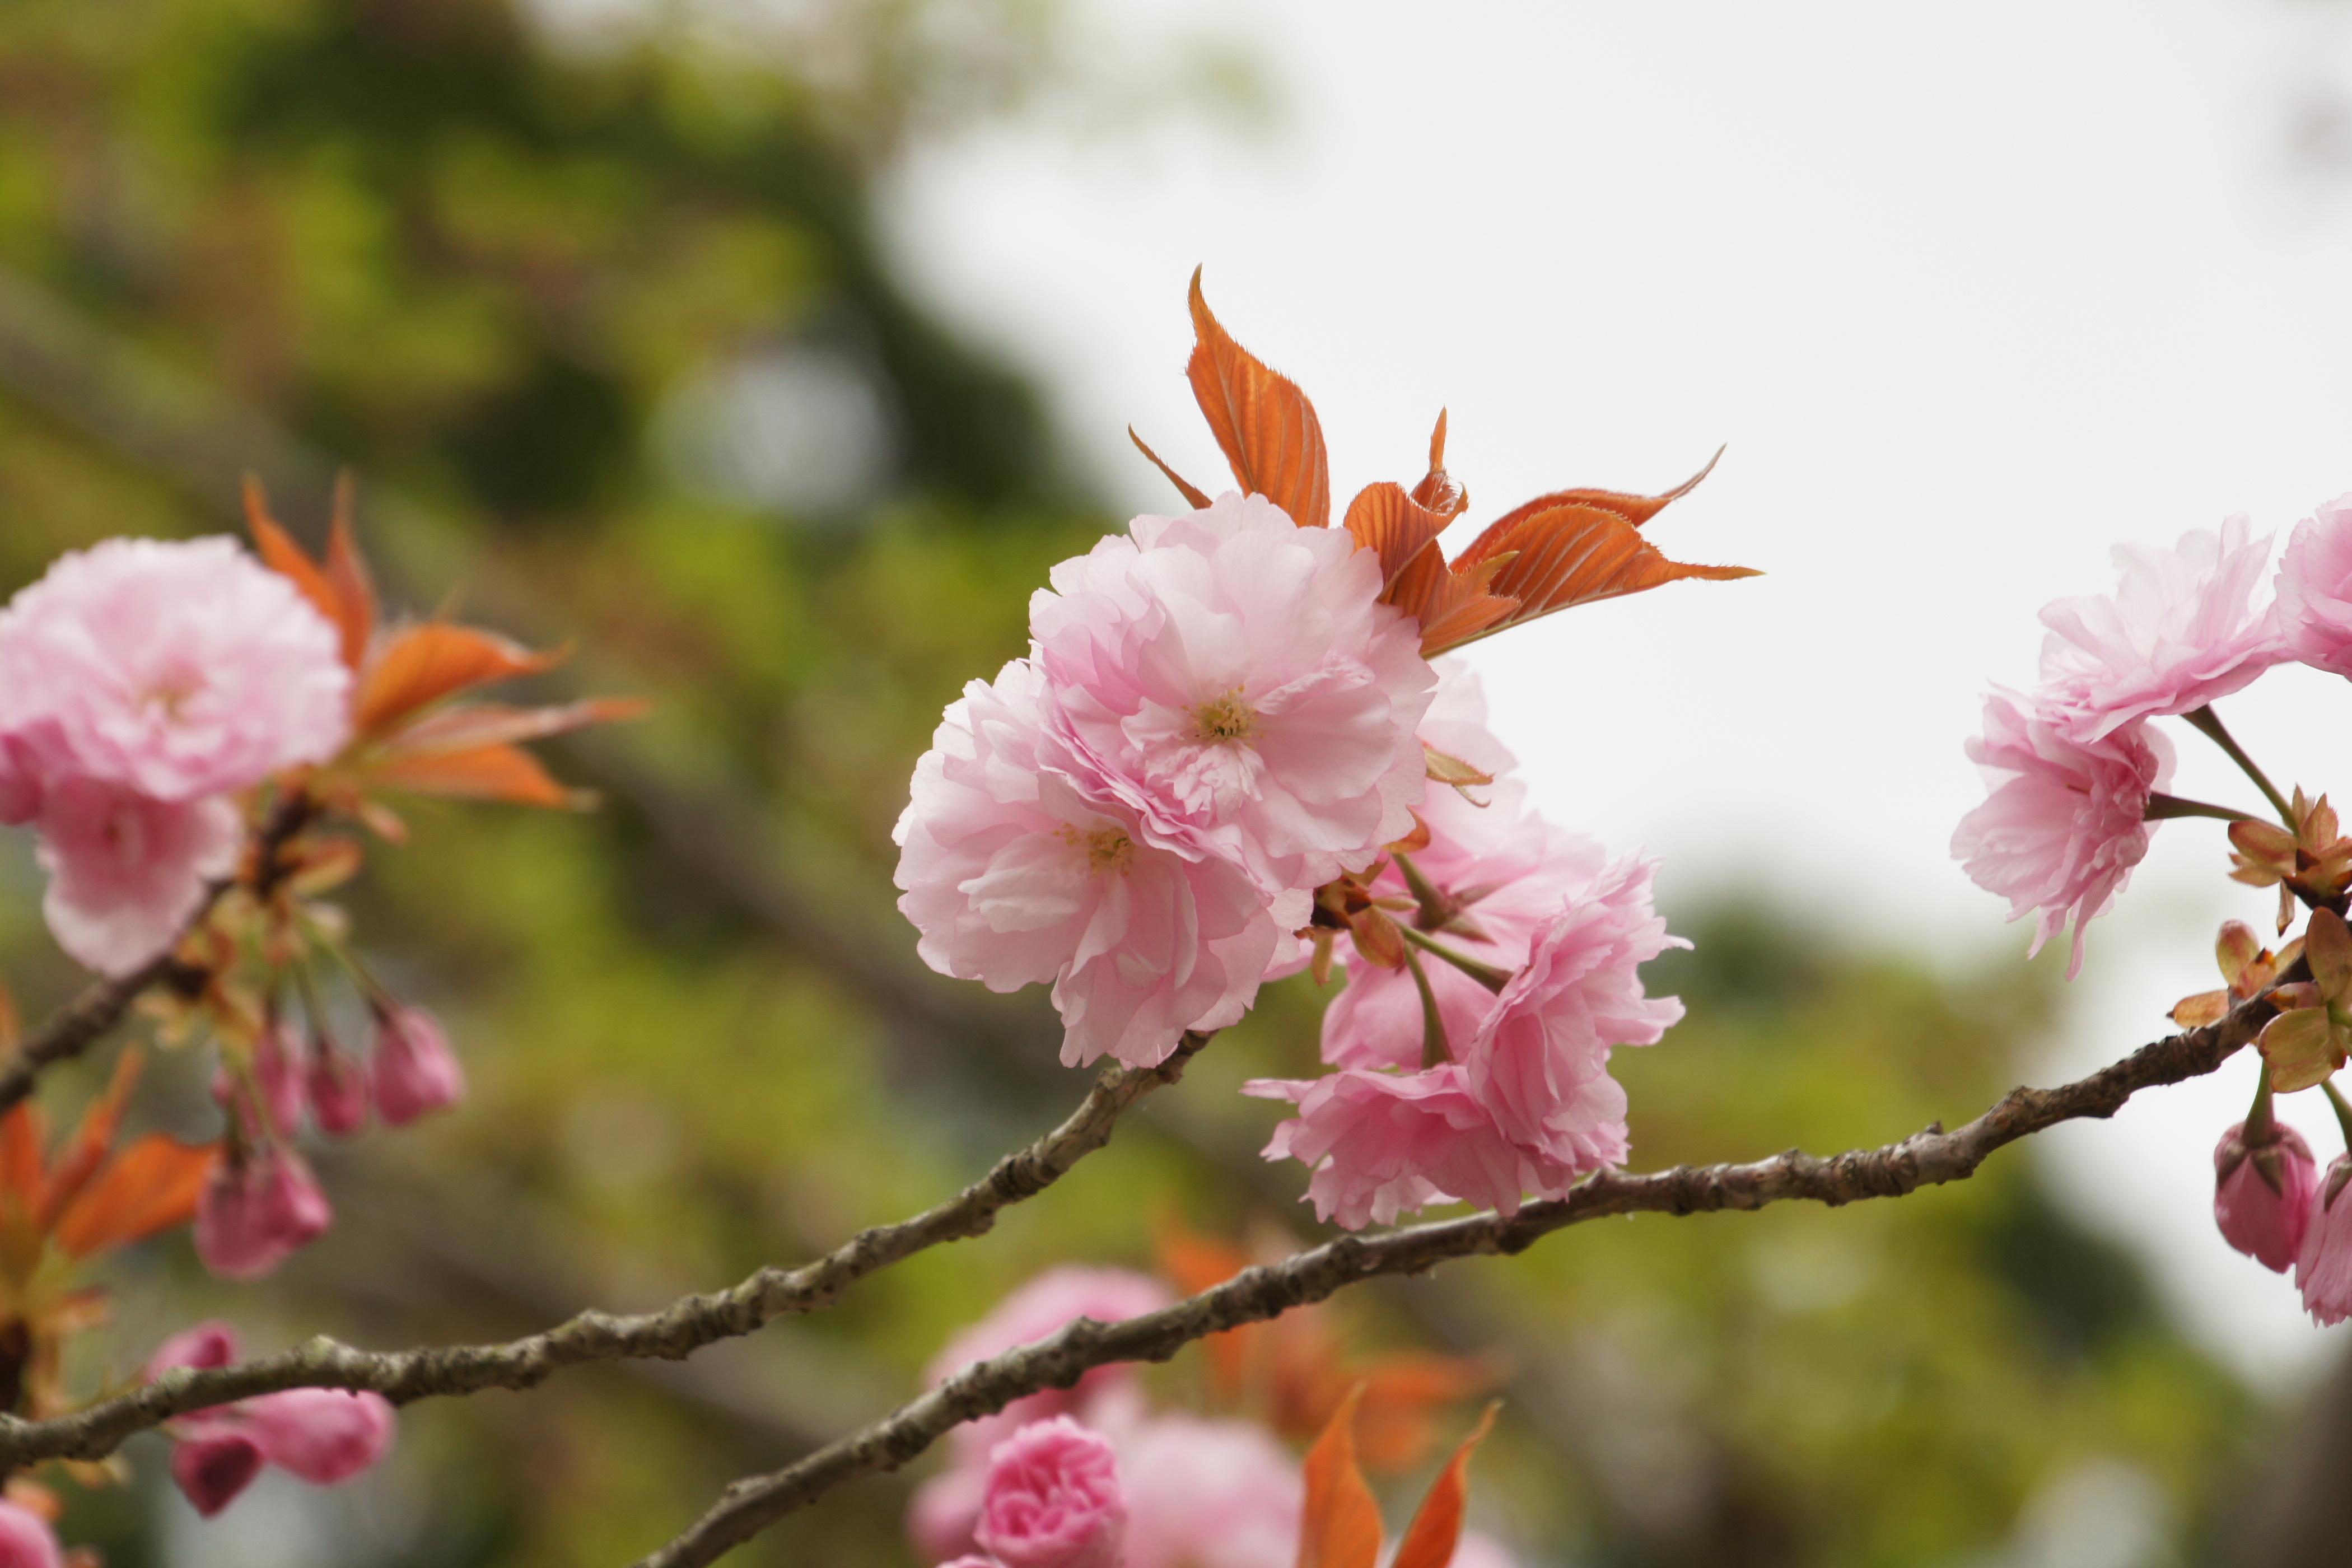 新潟の桜の名所は?ライトアップで夜桜にうっとり!穴場情報も!